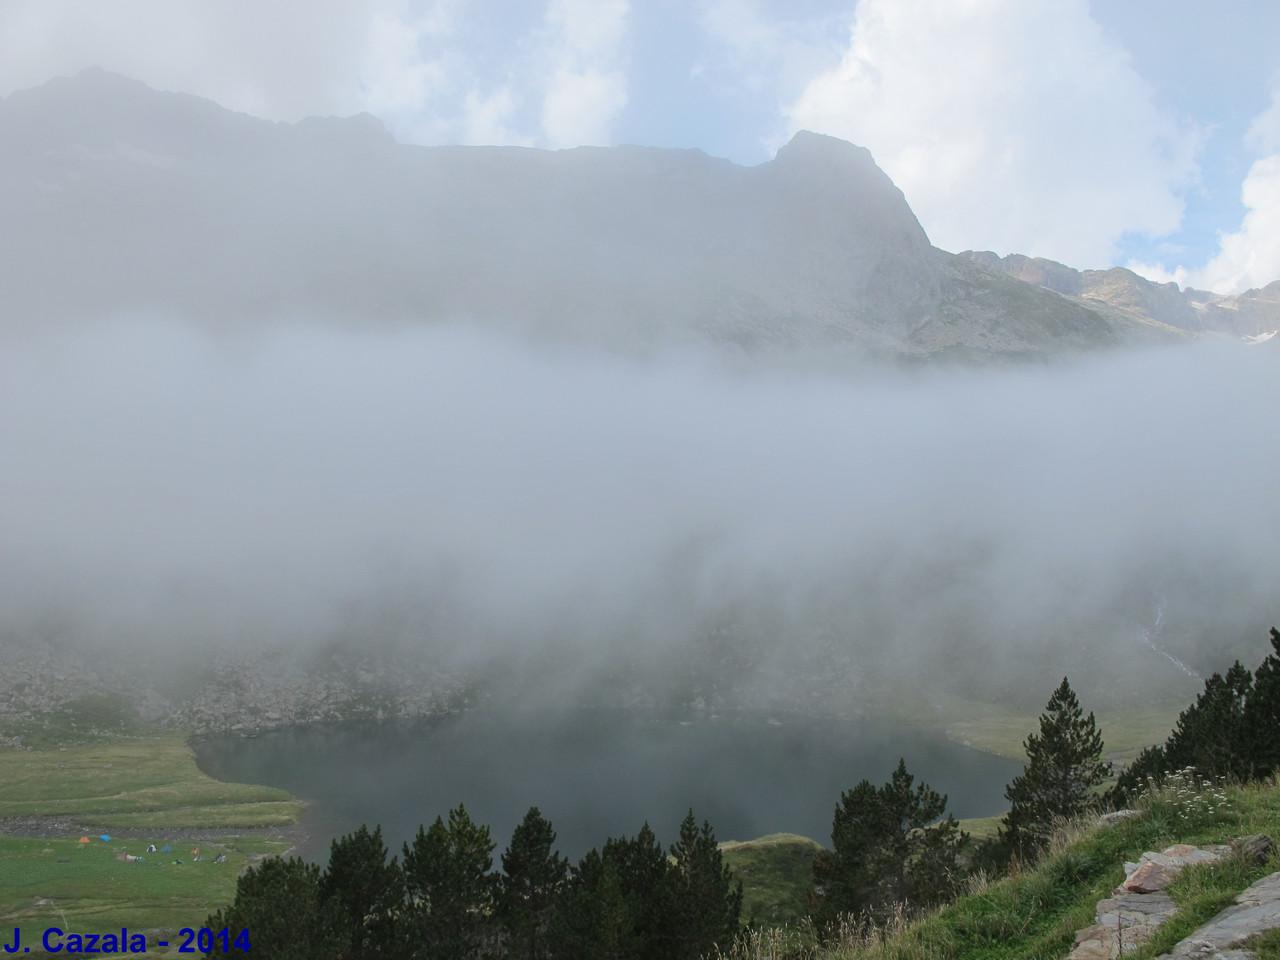 Le cirque et le lac d'Espingo se devient à travers la brume